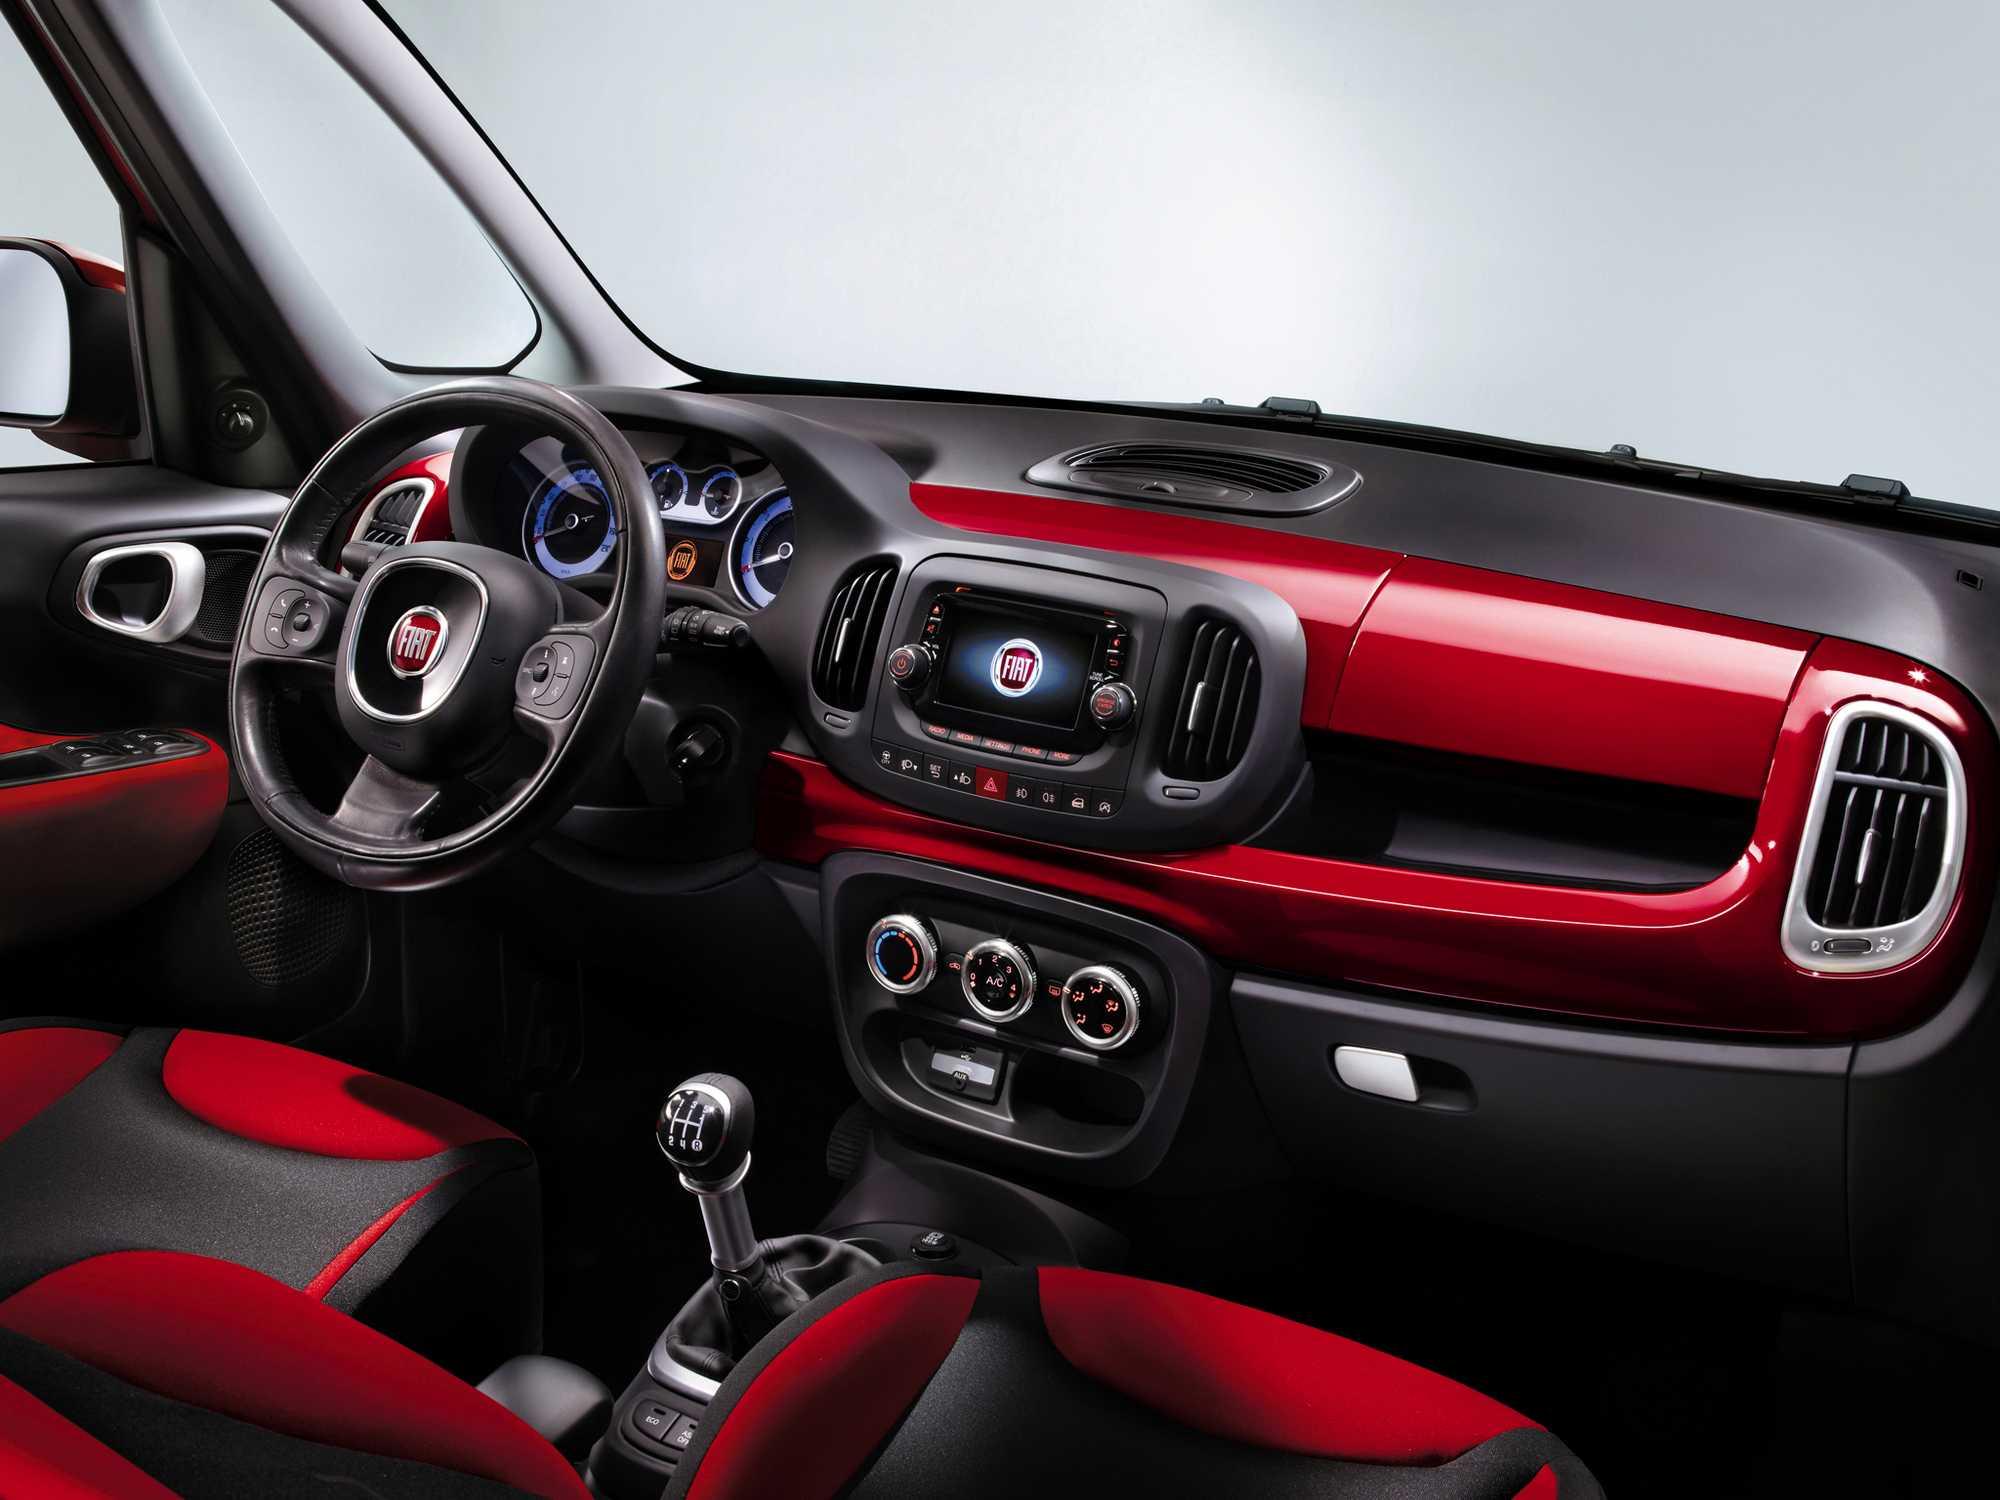 Cadillac xt5 2019 года: плюсы и минусы, цена, технические характеристики, тест-драйв